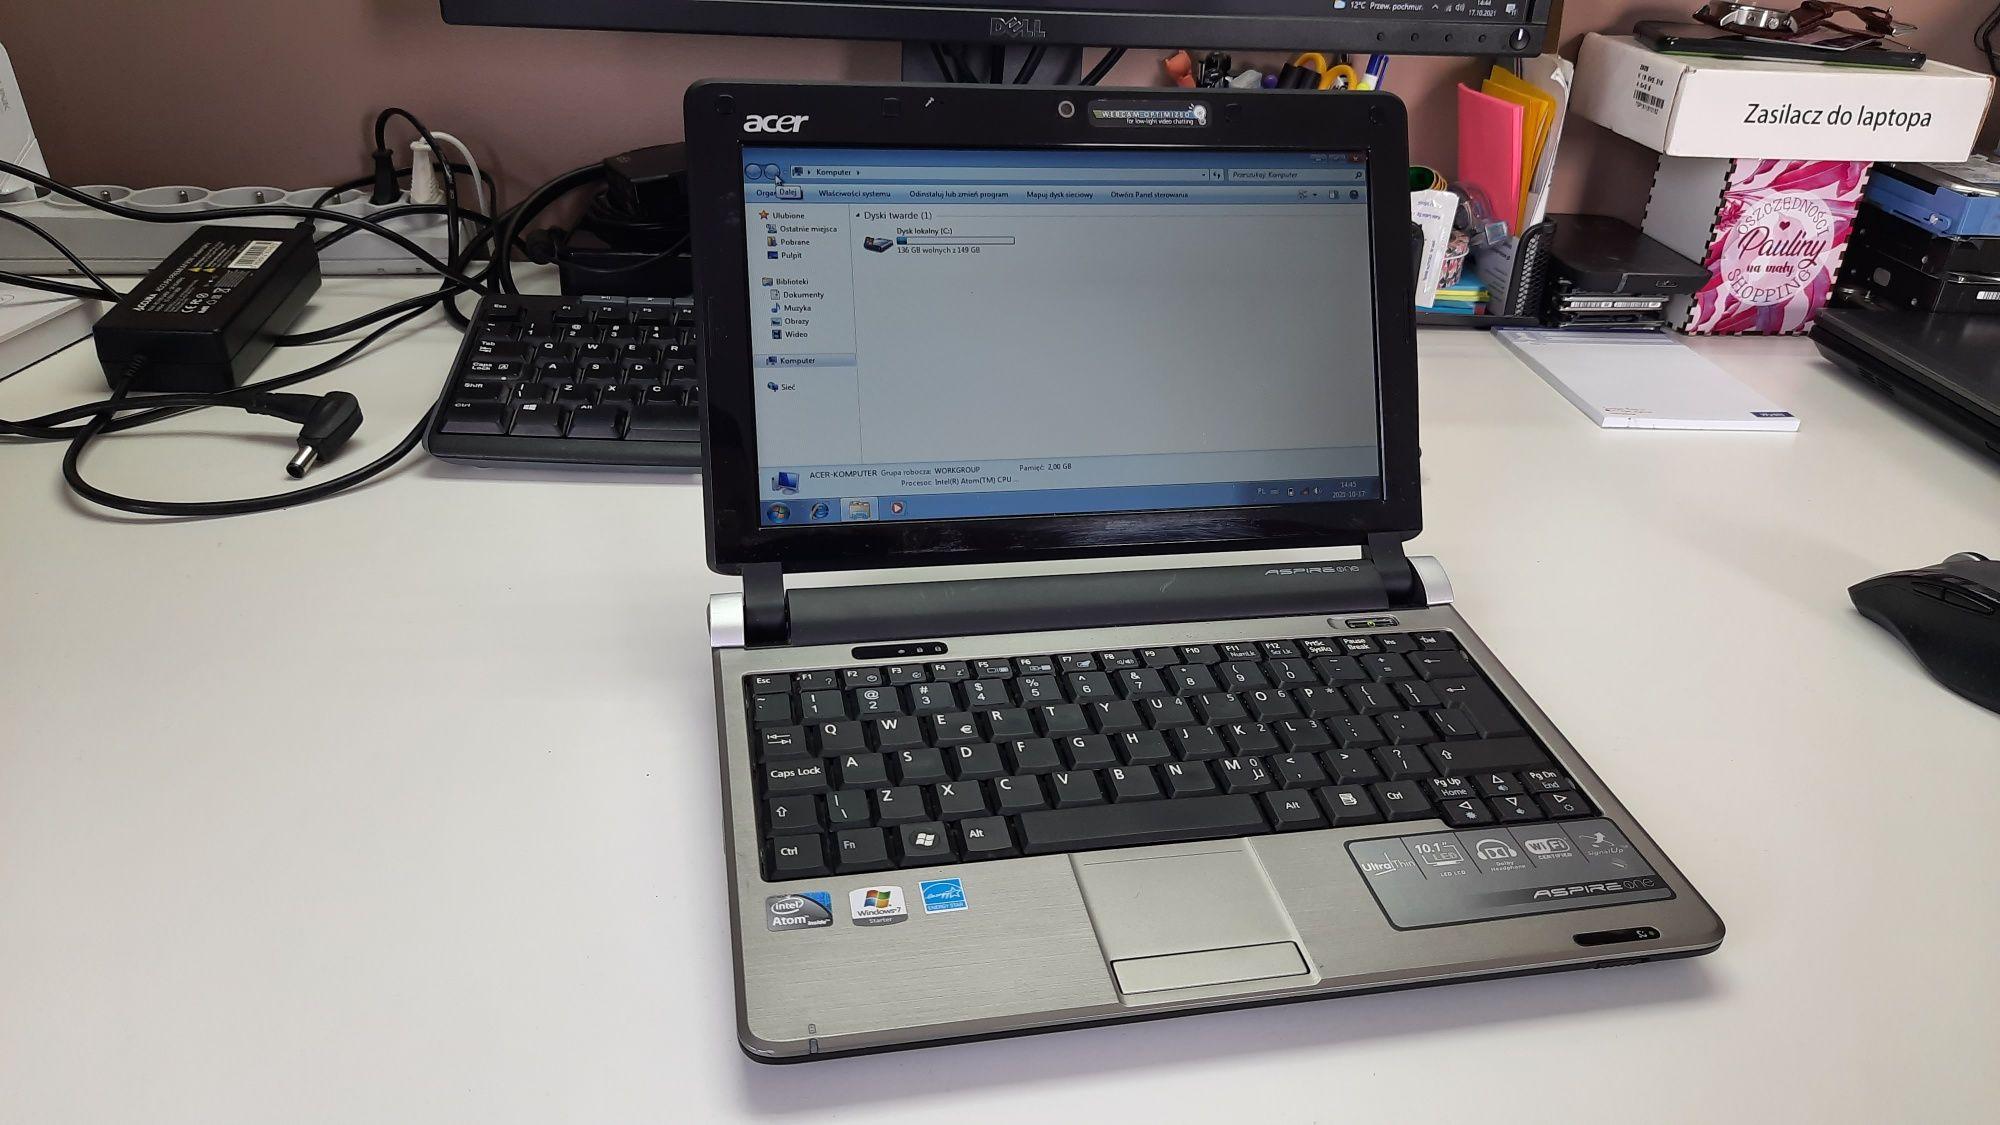 """Laptop Acer Aspire One 10.1"""" Windows 7 bateria 4 godziny !"""